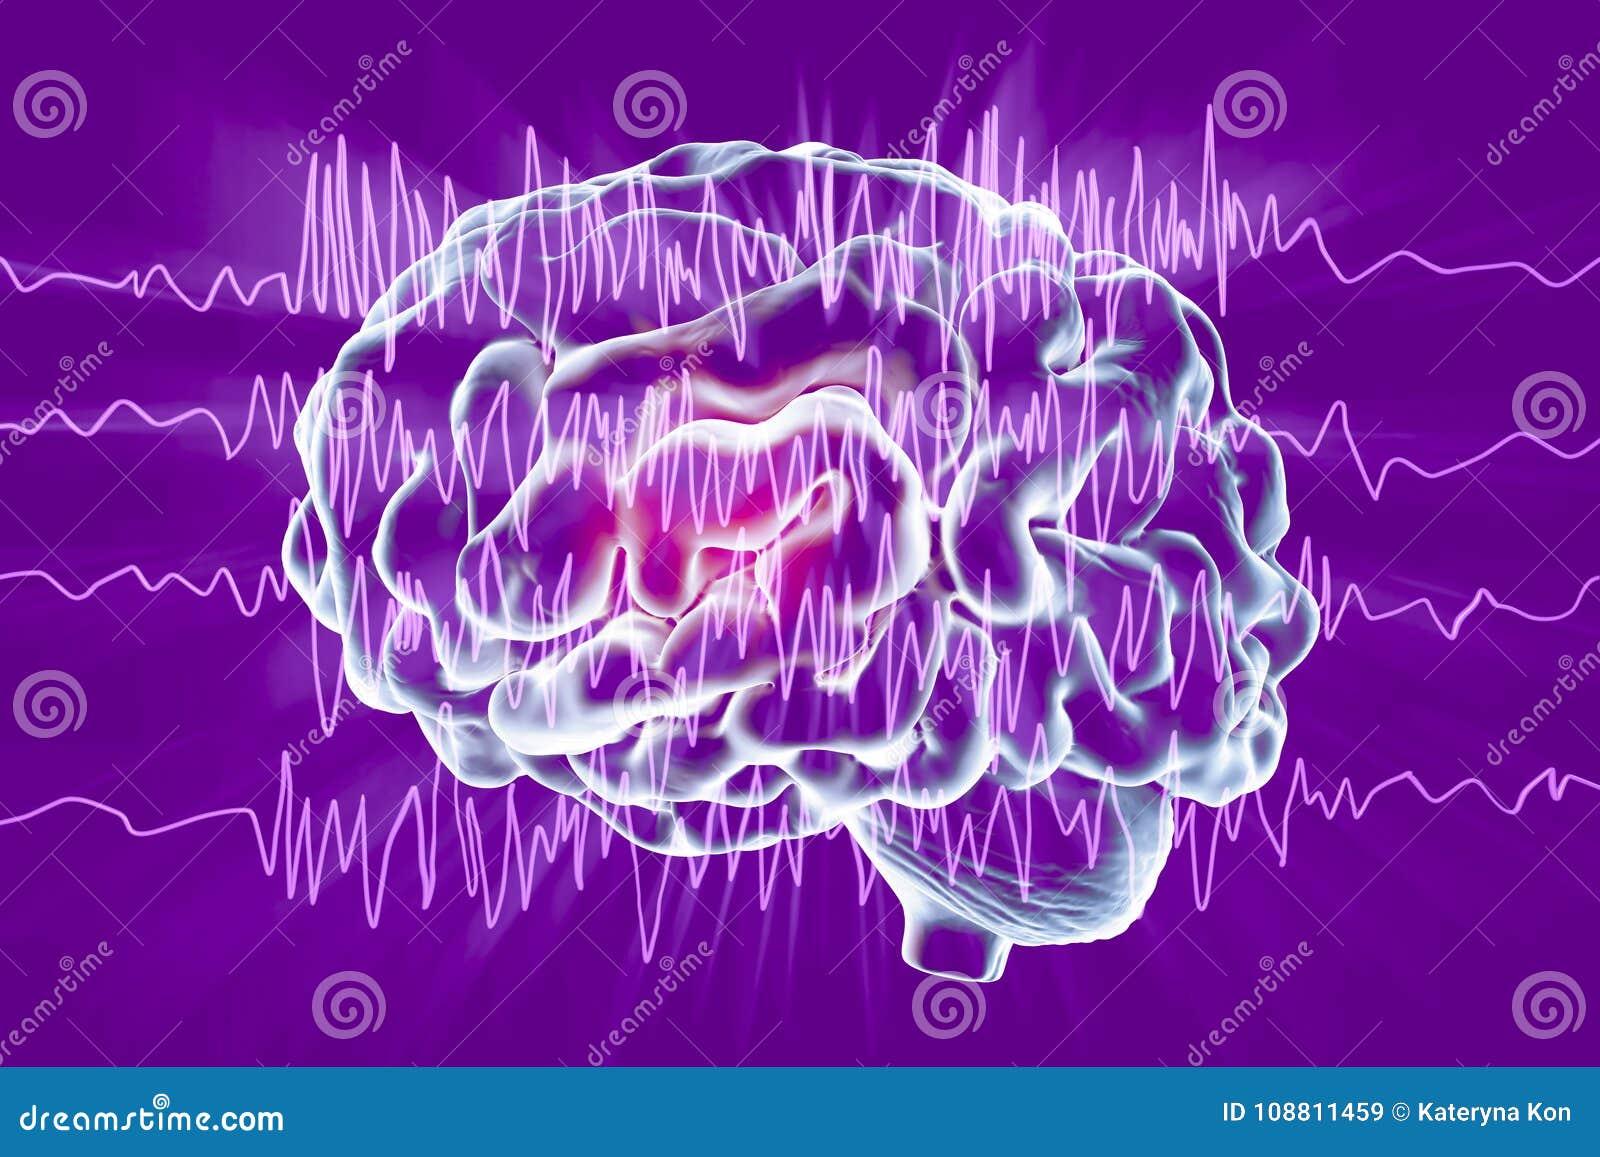 Концепция осведомленности эпилепсии